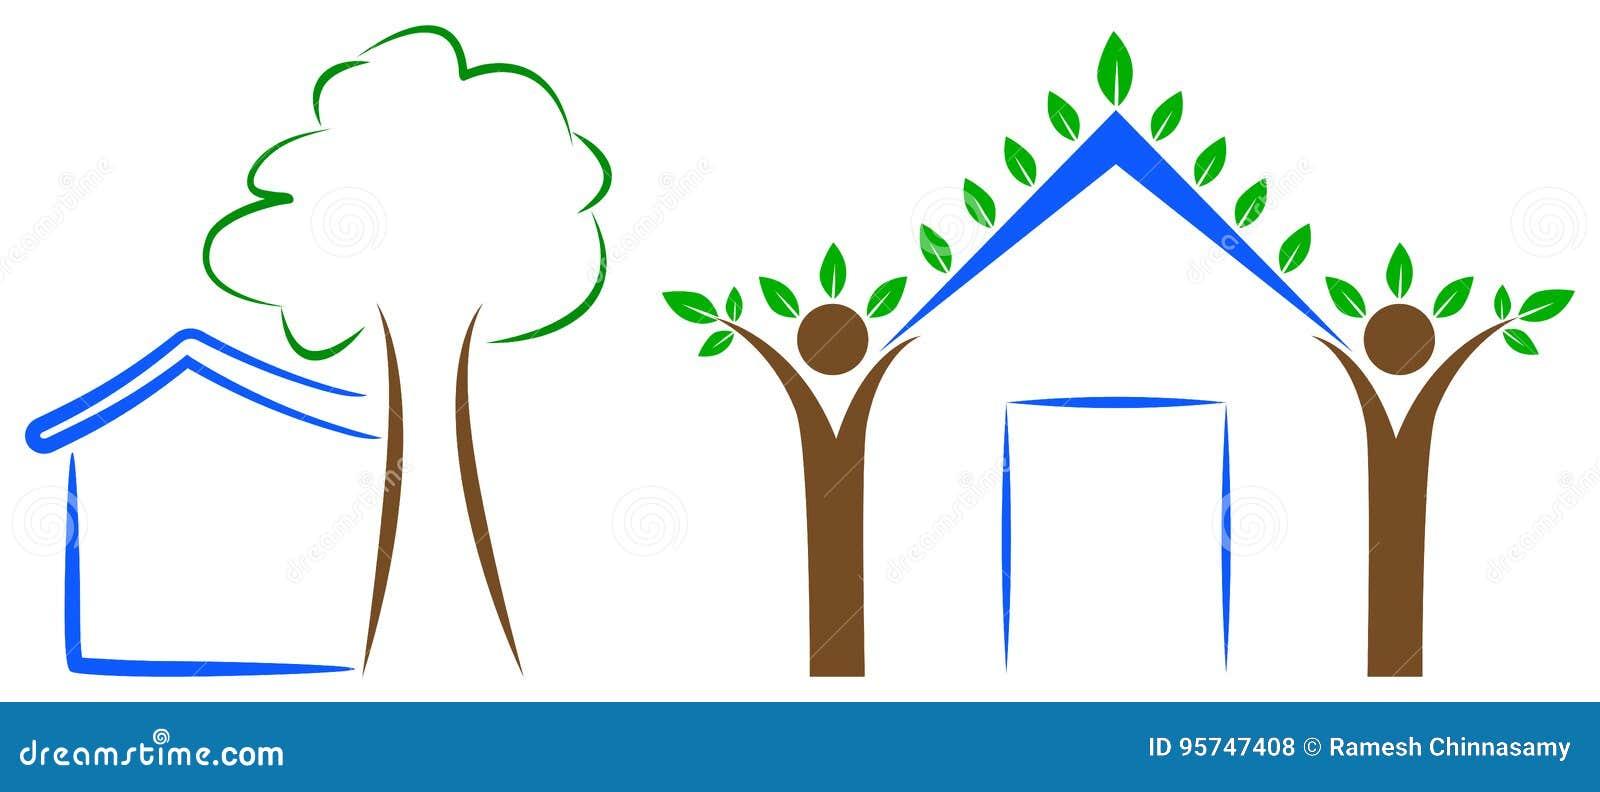 Logotipo casero del árbol